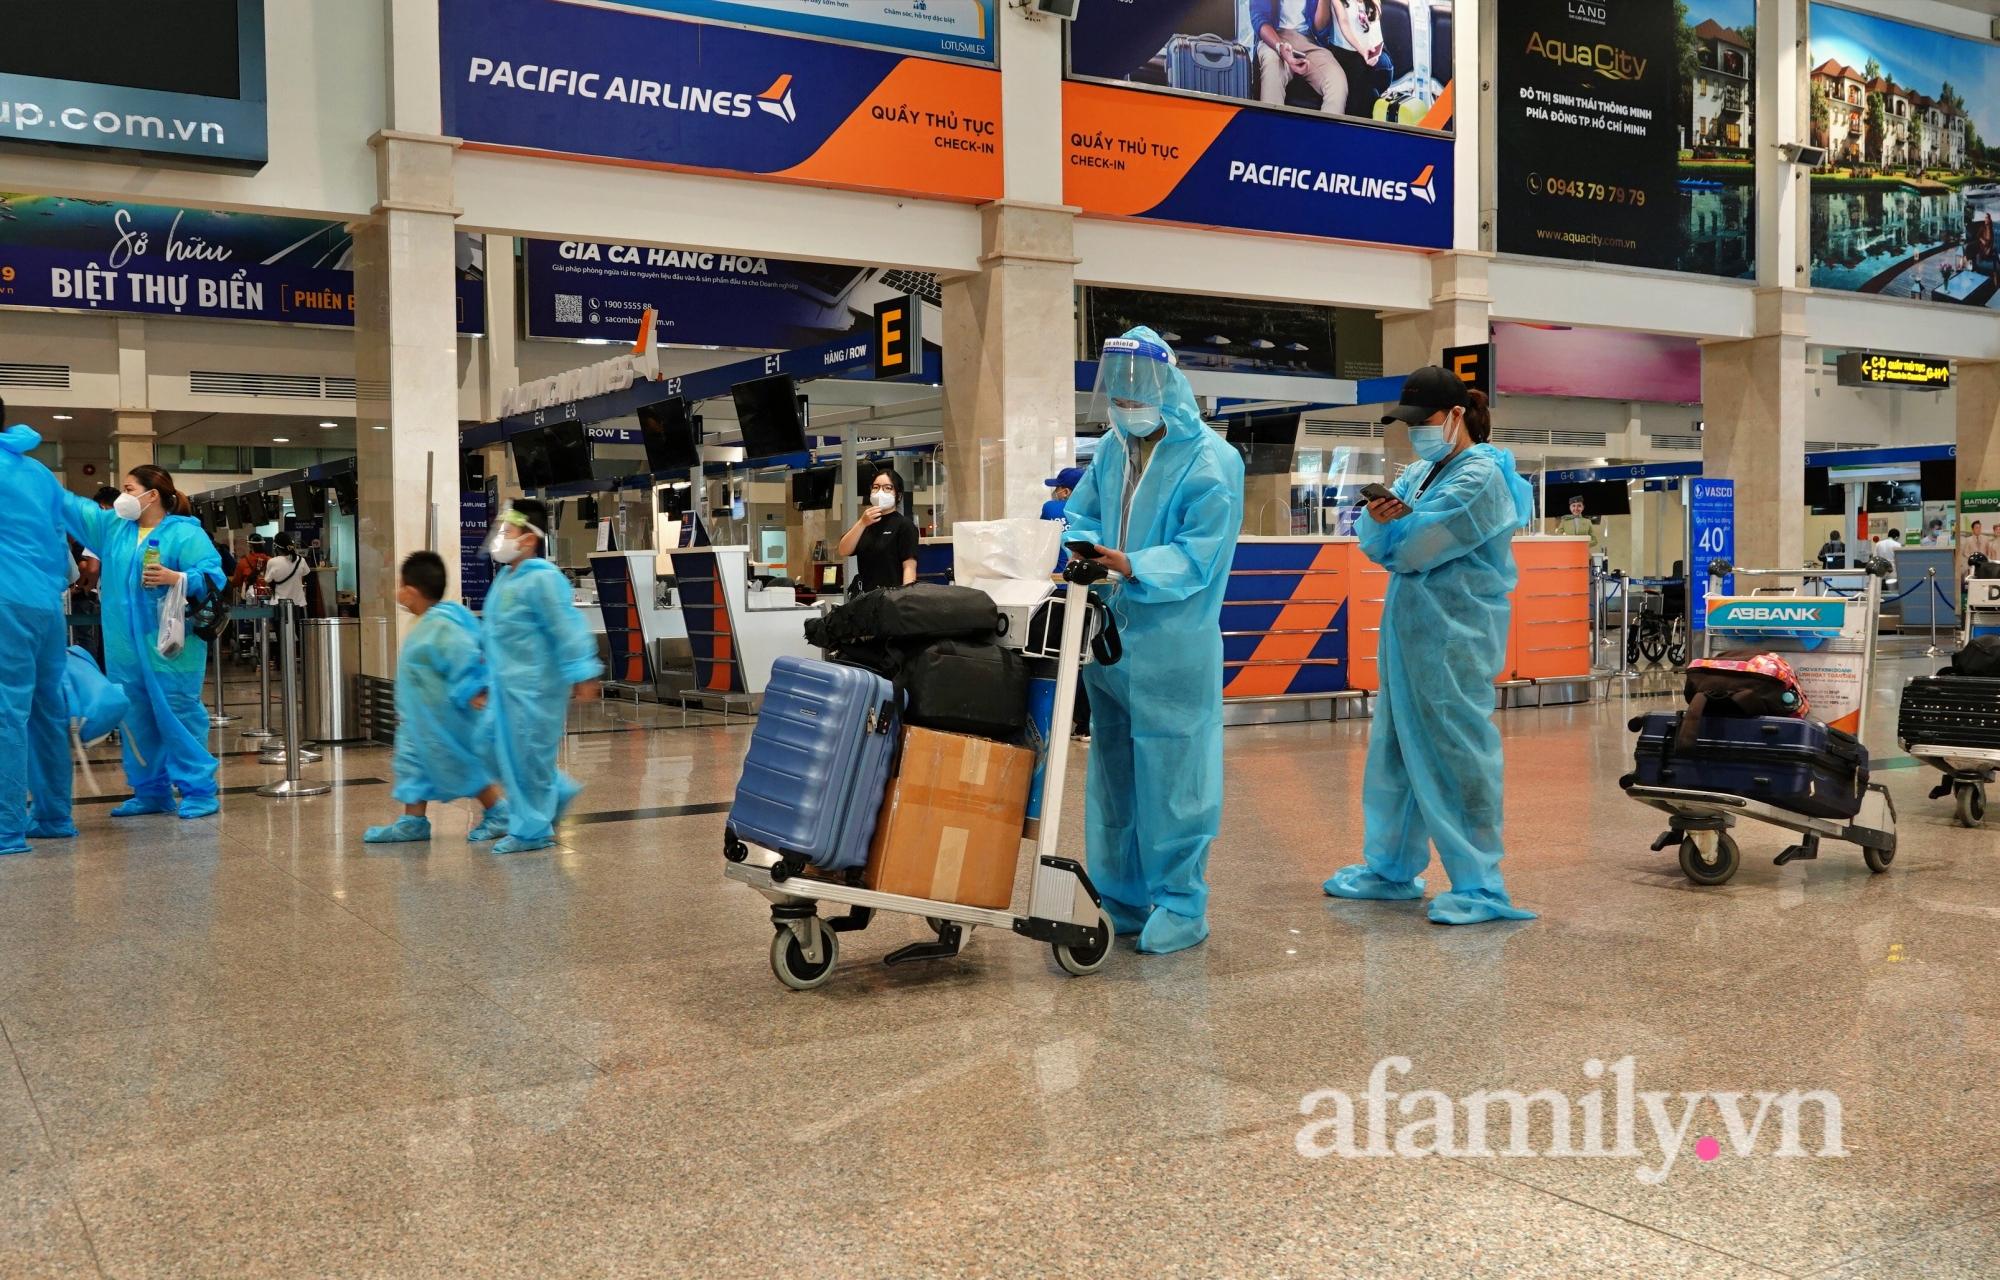 """Những chuyến bay về quê đầy thăng trầm sau hơn 4 tháng """"mắc kẹt"""" với Sài Gòn: """"Chỉ cần được về nhà, khó khăn gấp mấy tôi cũng chịu được"""" - Ảnh 2."""